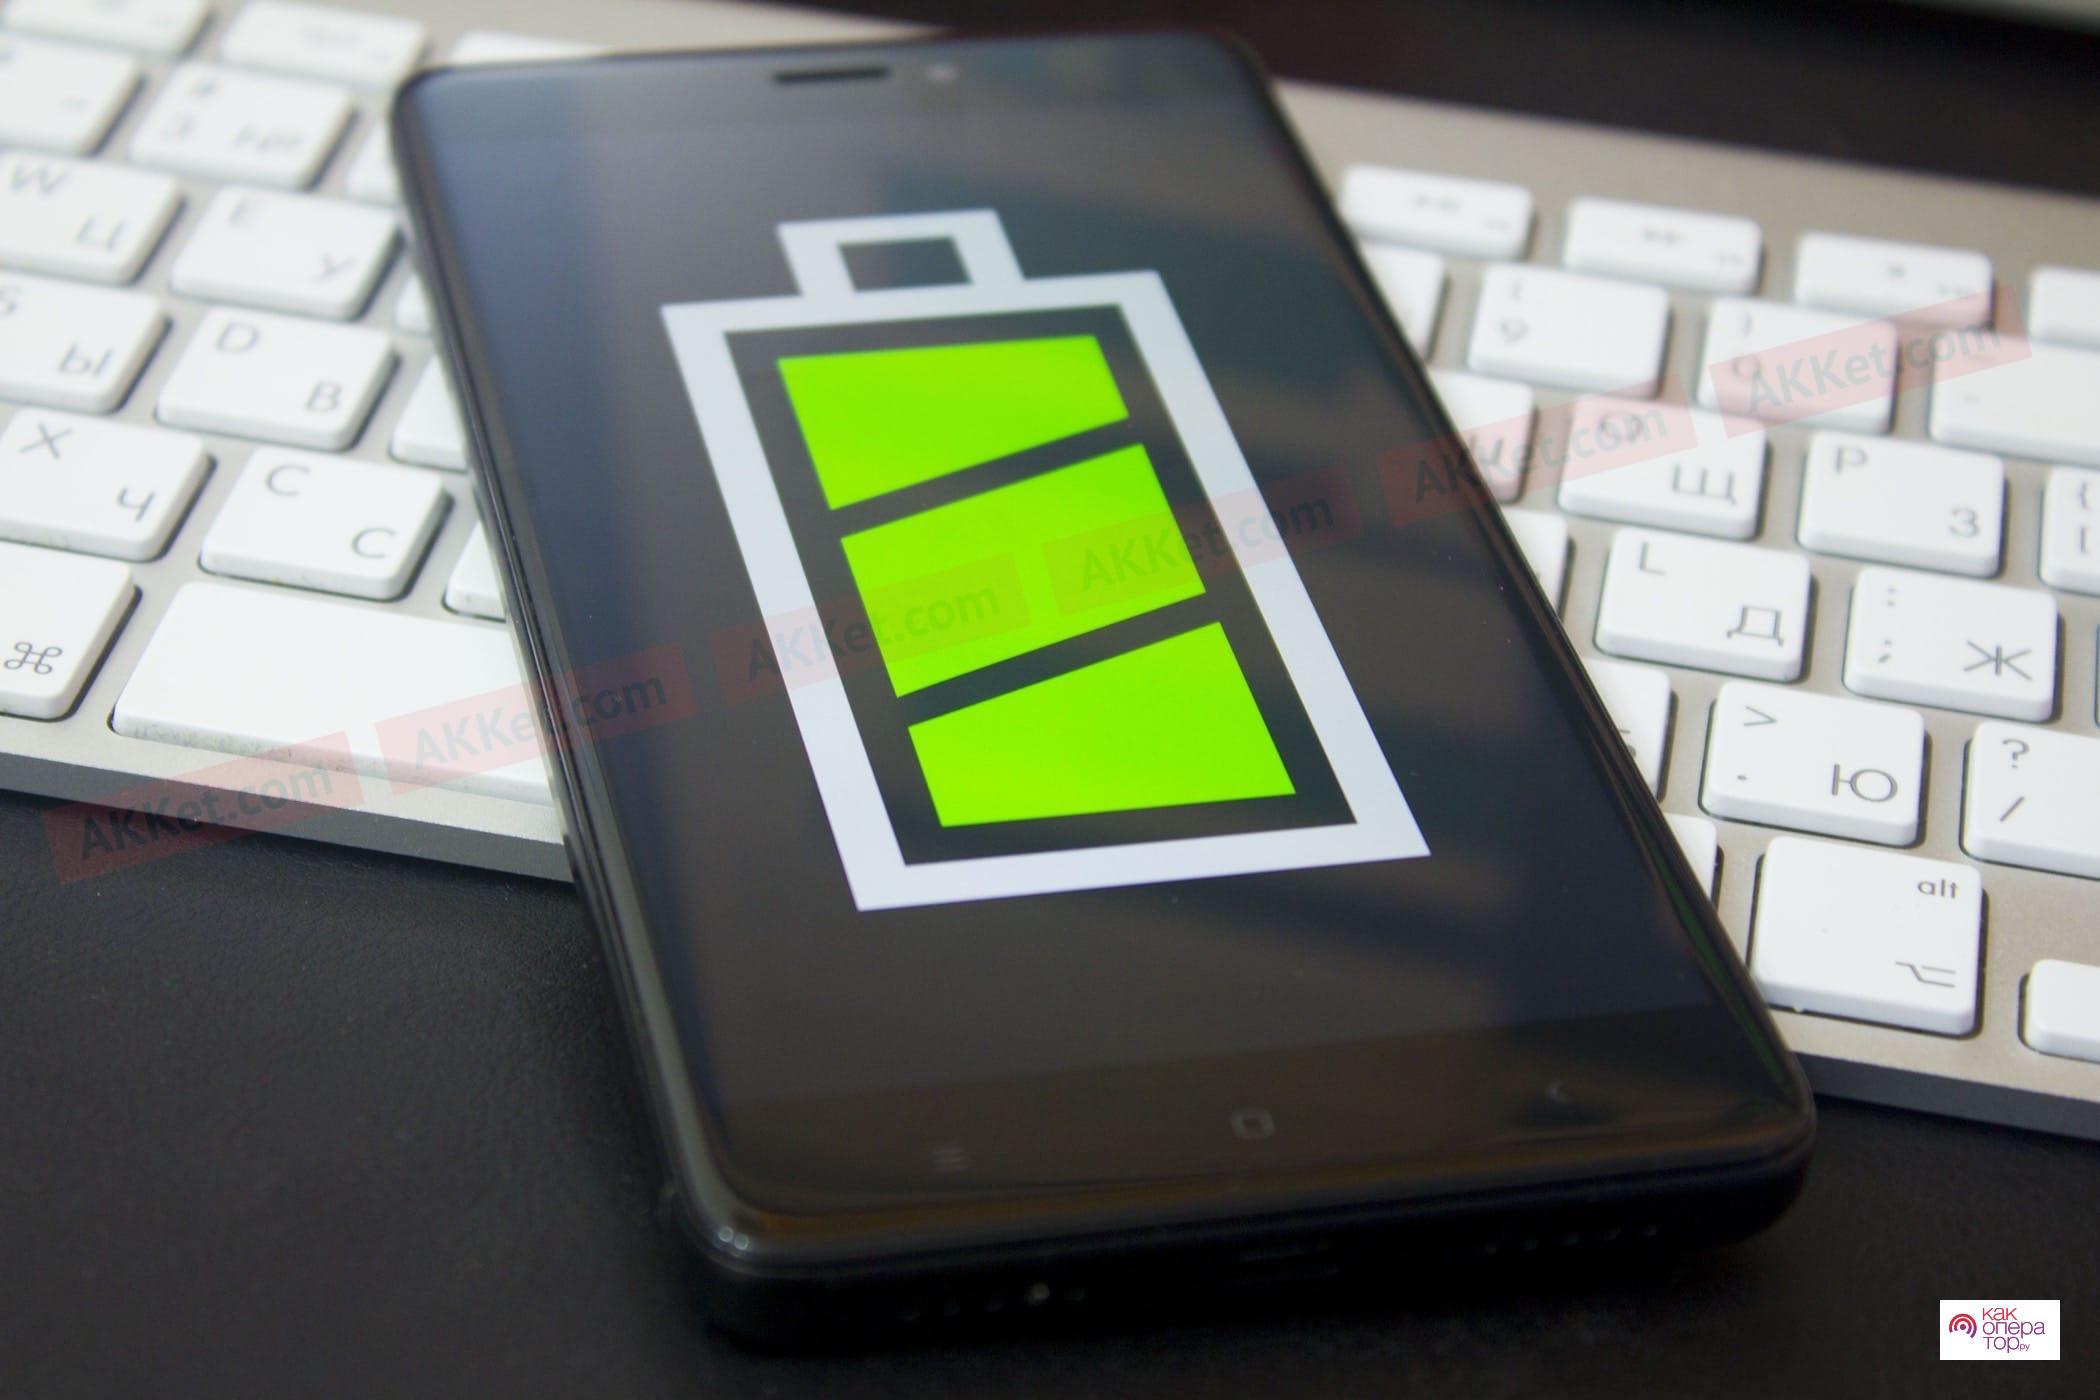 https://akket.com/wp-content/uploads/2017/10/Android-Hide-Settings-Battery-50.jpg